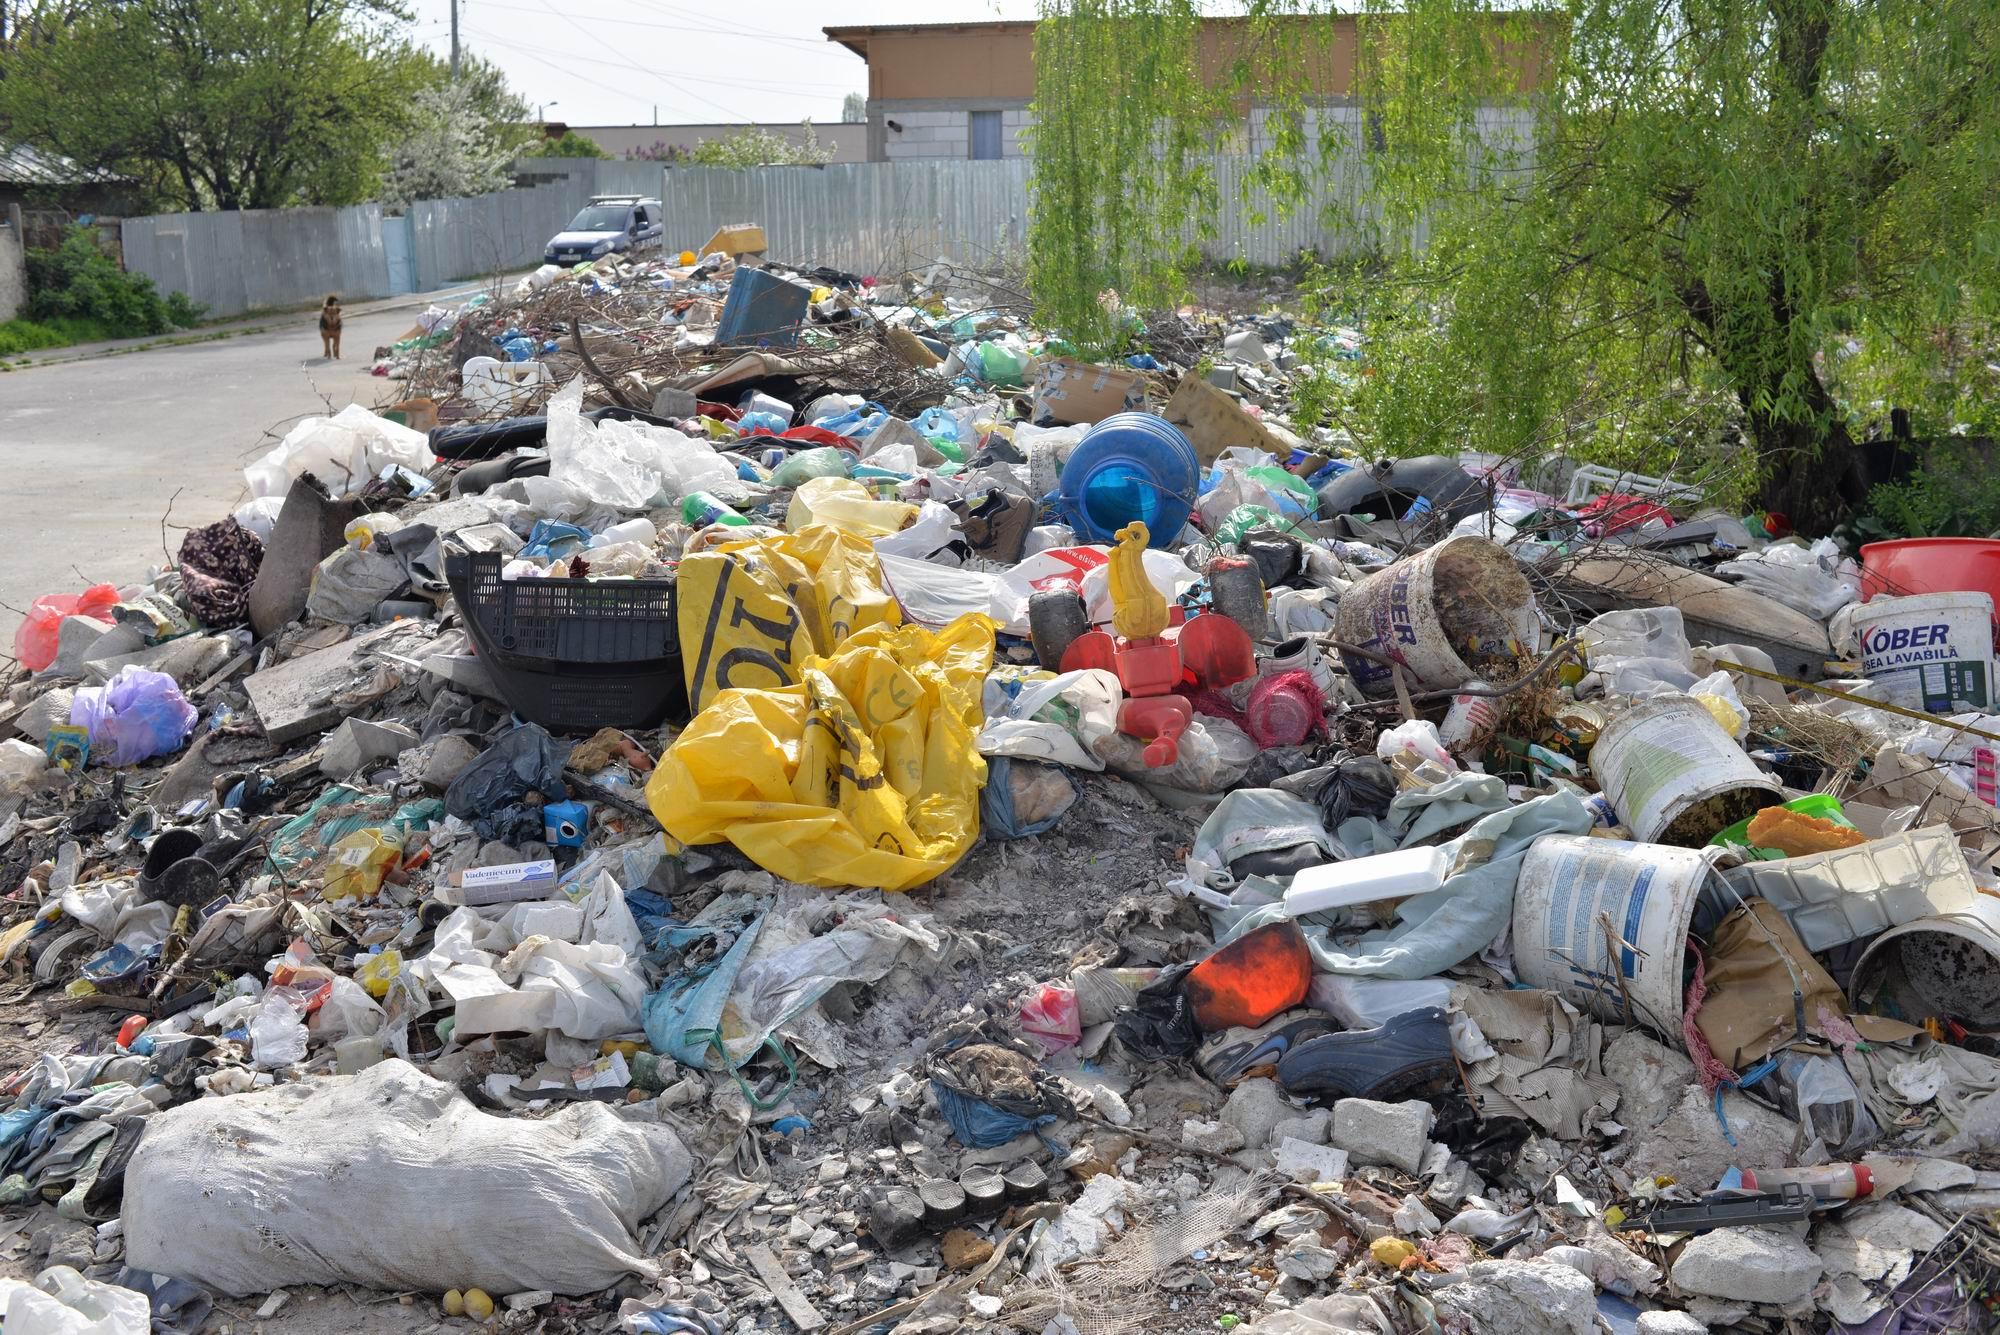 ALERTĂ! Acțiune de amploare a comisarilor de mediu și a polițiștilor 9